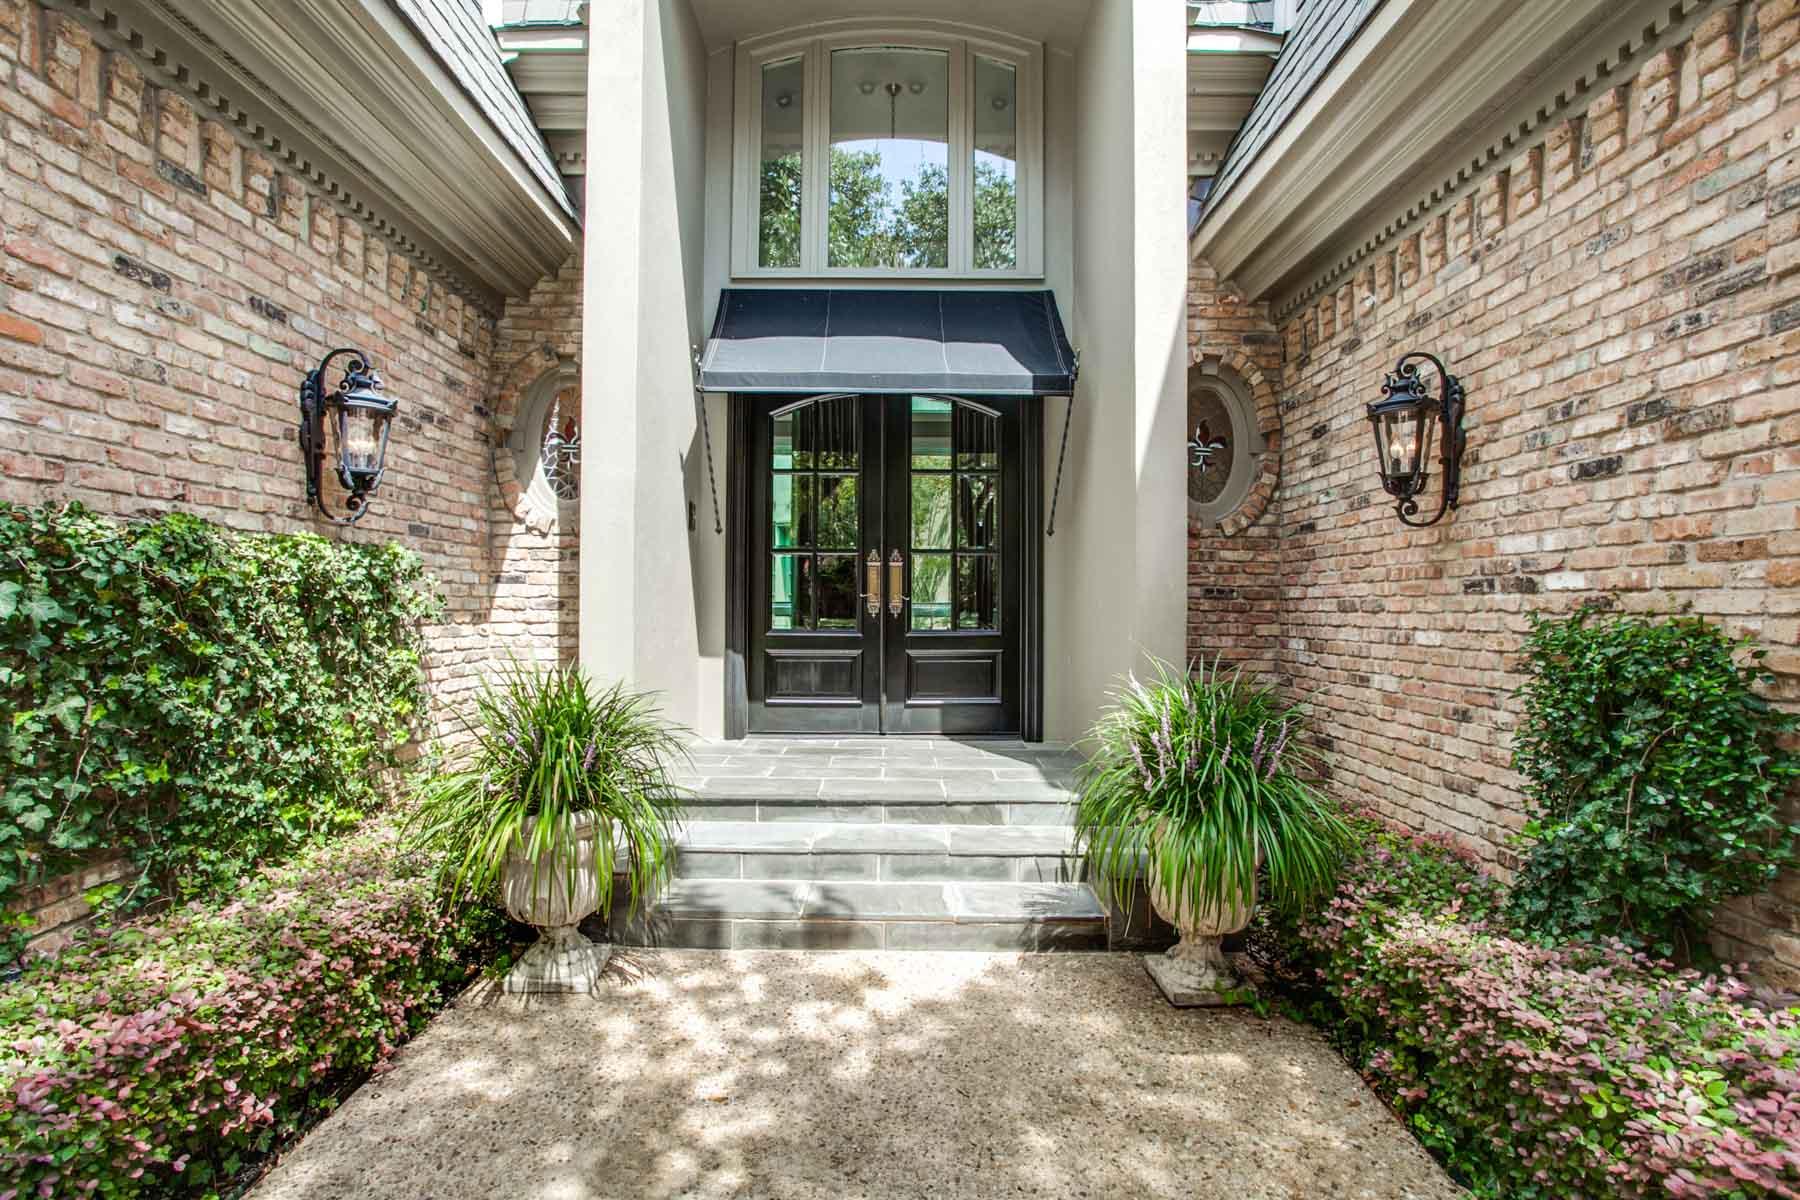 獨棟家庭住宅 為 出售 在 10 Rue Du Lac Road, Dallas 10 Rue Du Lac Rd Dallas, 德克薩斯州, 75230 美國